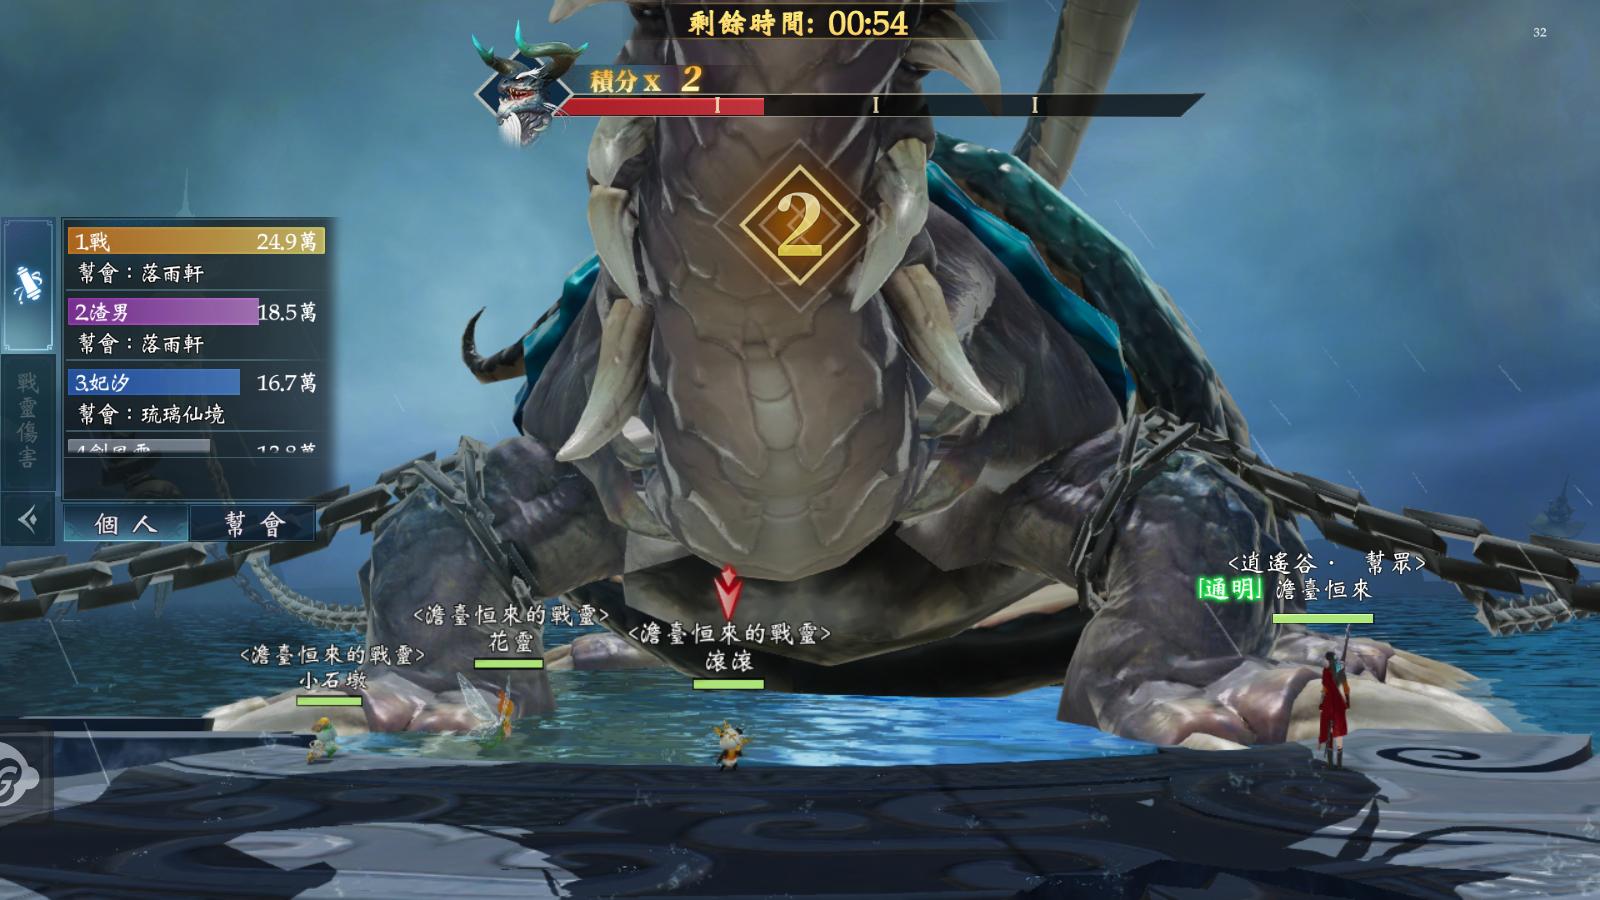 與其他玩家一同挑戰強大的太古神獸。